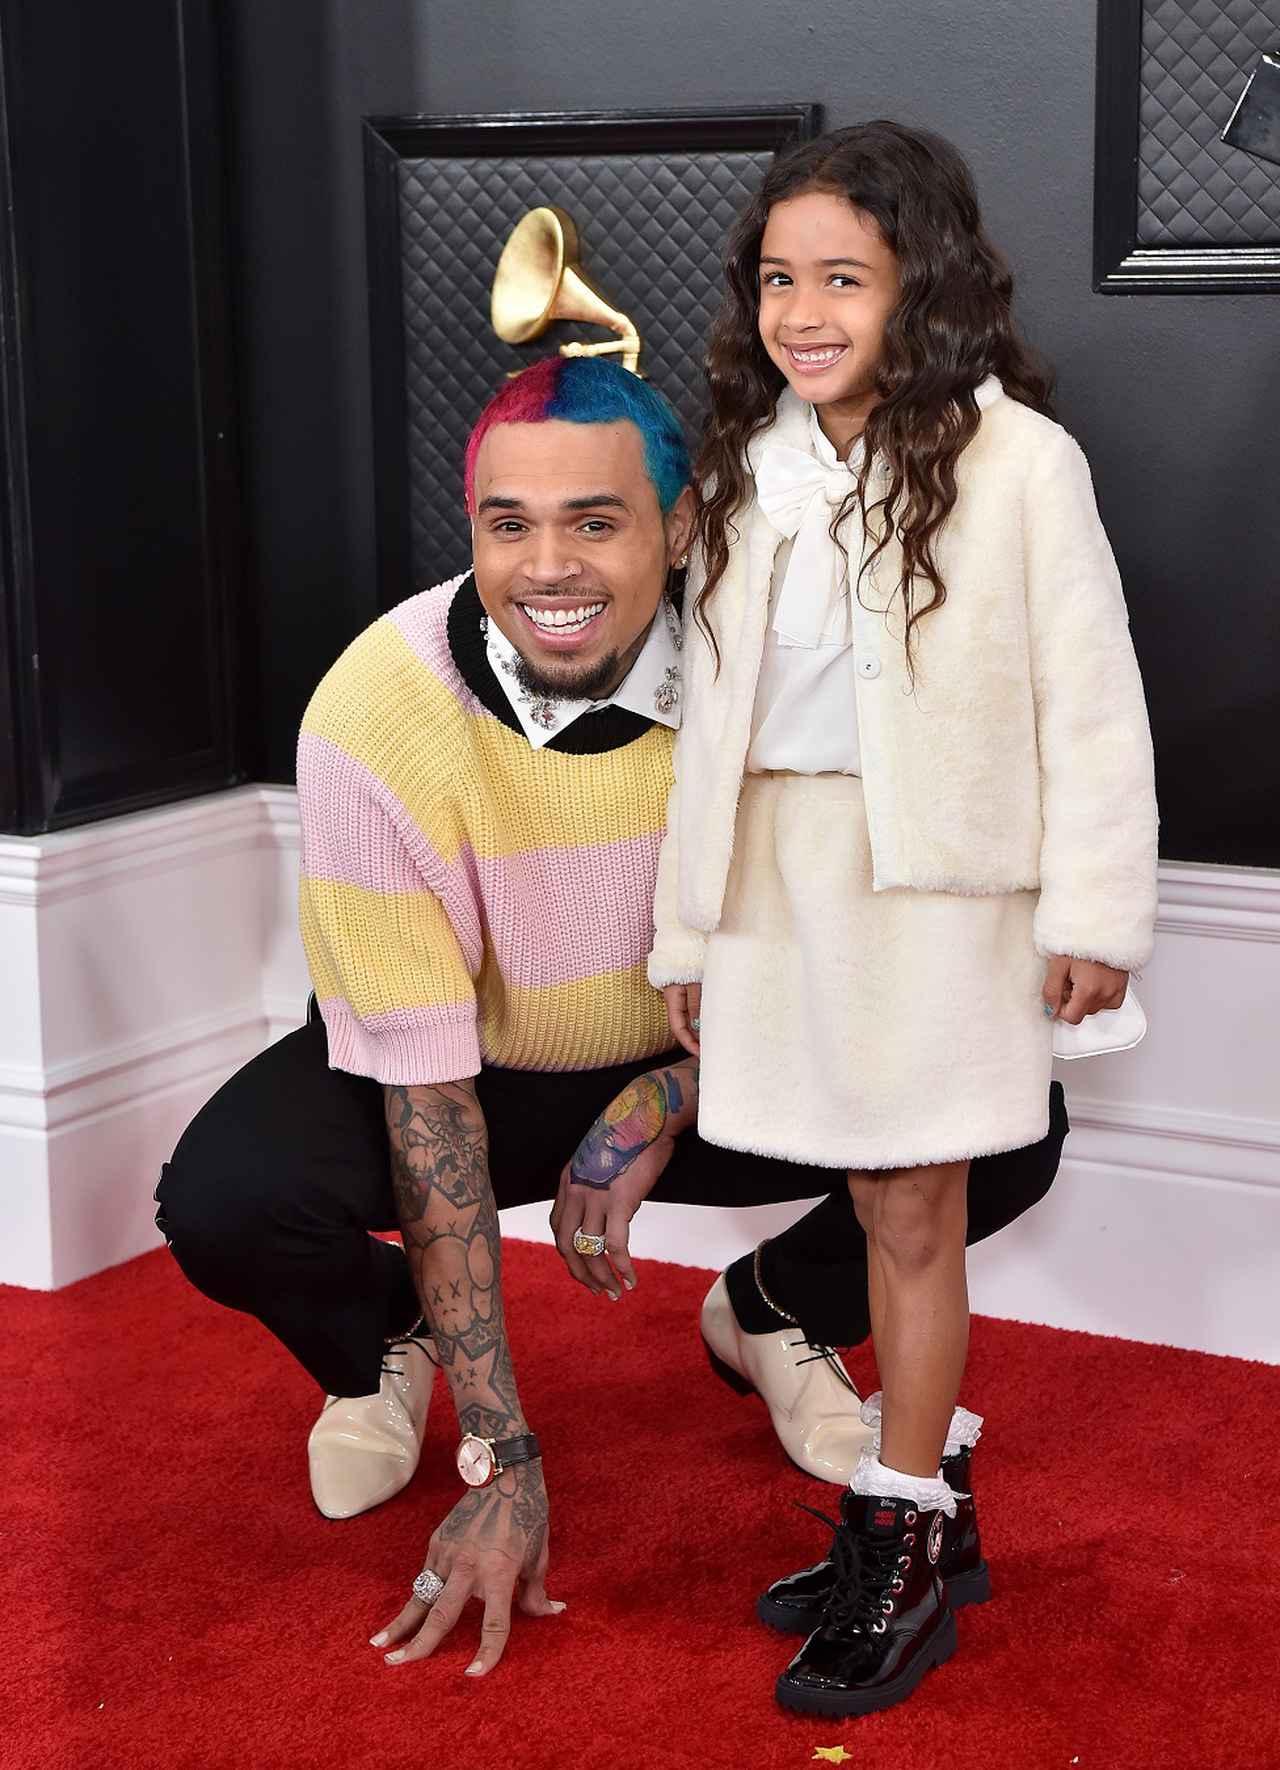 画像: グラミー賞ではタトゥーよりも、愛娘にメロメロな溺愛パパぶりが注目を集めた。